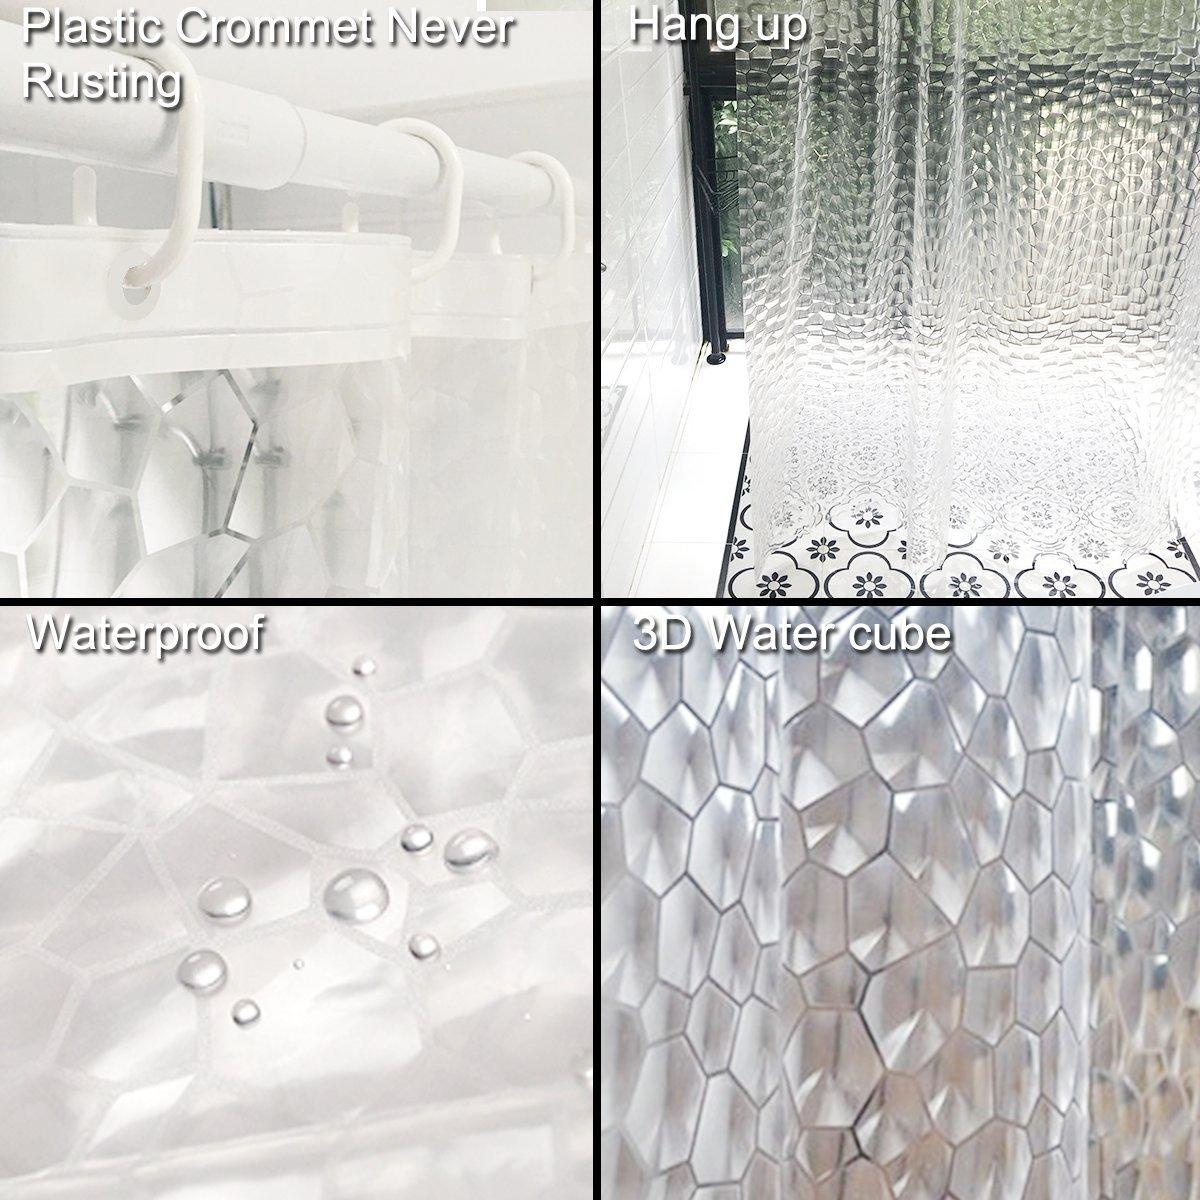 ... cubo de agua 3D 71 x 71 pulgadas [180 x 180 cm] 12 agujeros de EVA cortina de ducha antibacteriana anti-moho bañera: Amazon.es: Hogar